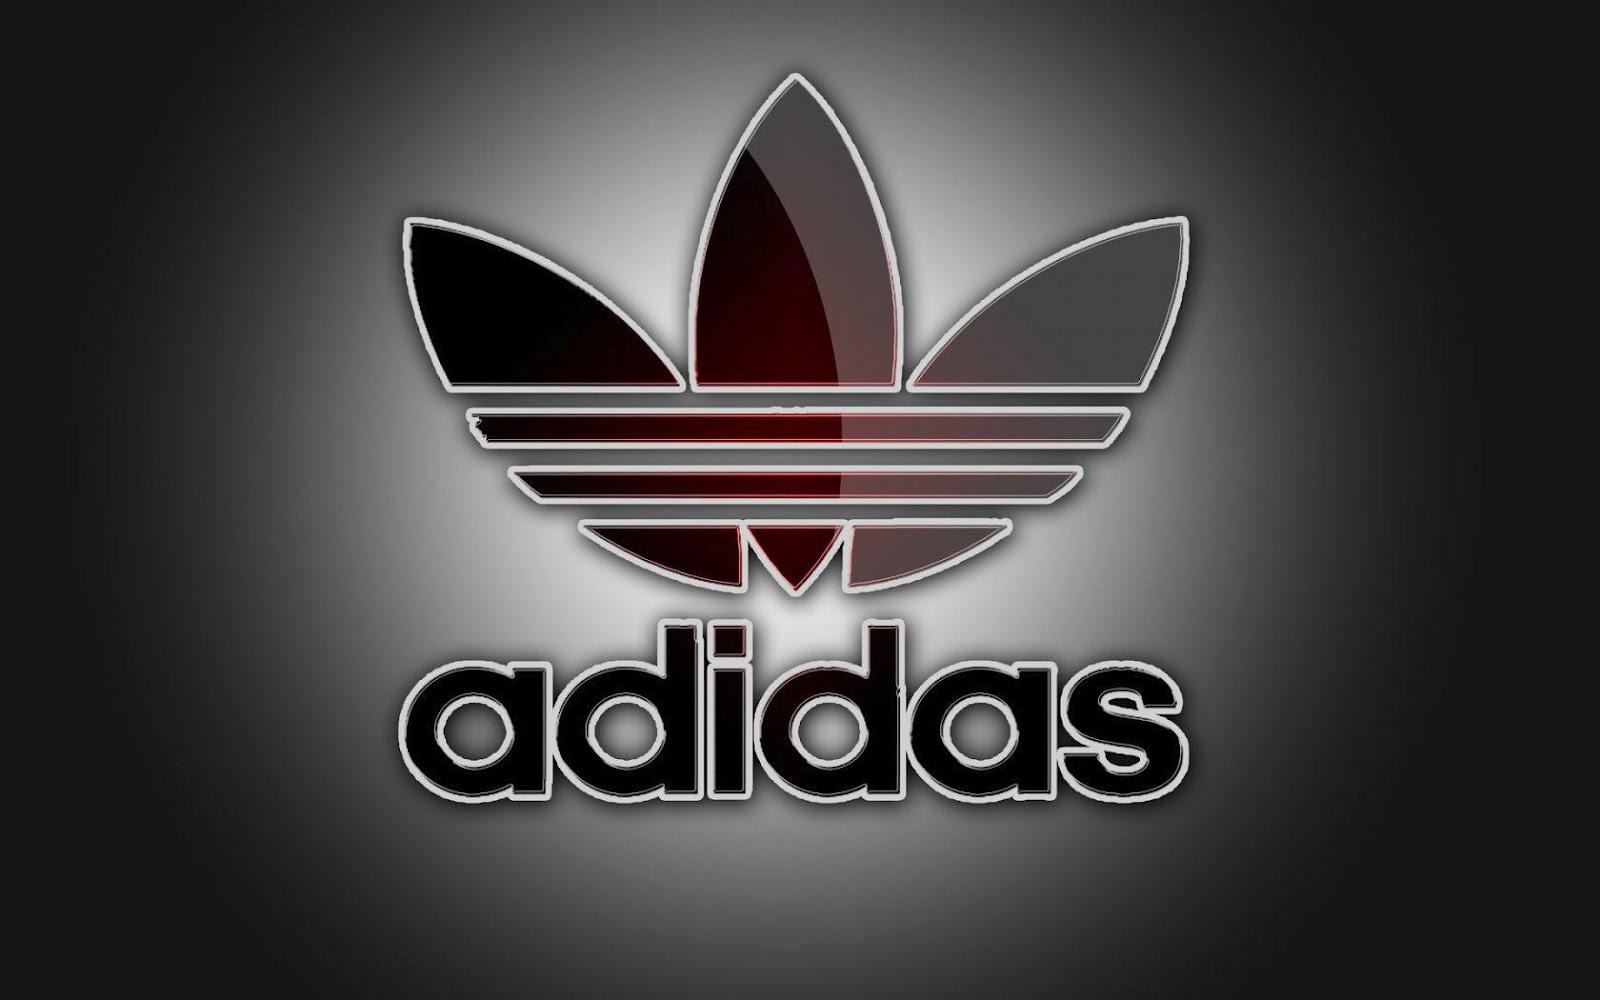 http://4.bp.blogspot.com/-ZLFbAr5fANU/T5DFyVhkmbI/AAAAAAAABs0/Pu3nAxEk7EM/s1600/adidas-logo-1680x1050.jpg